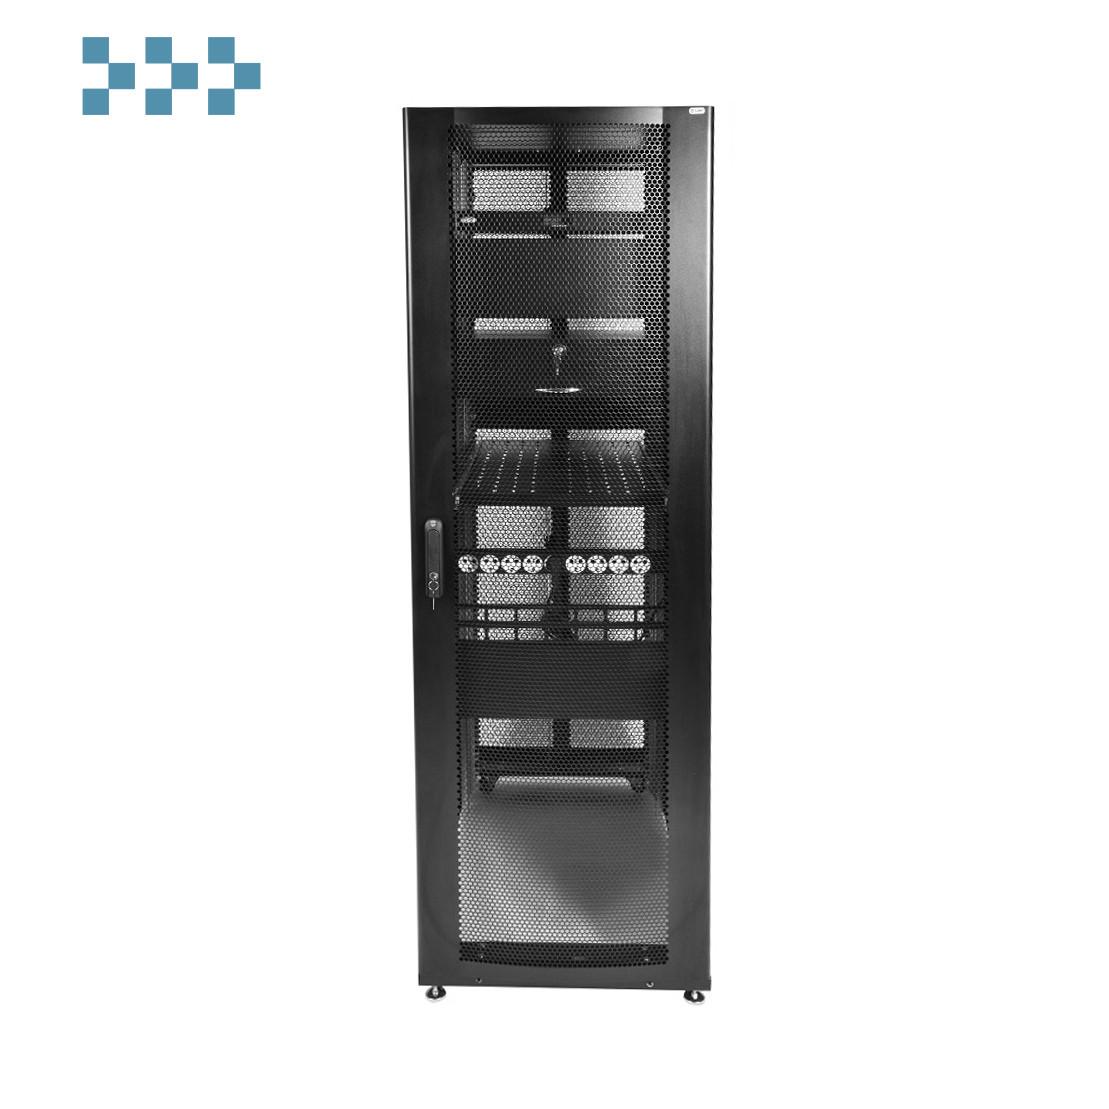 Шкаф серверный ПРОФ напольный 48U ЦМО ШТК-СП-48.6.12-44АА-9005